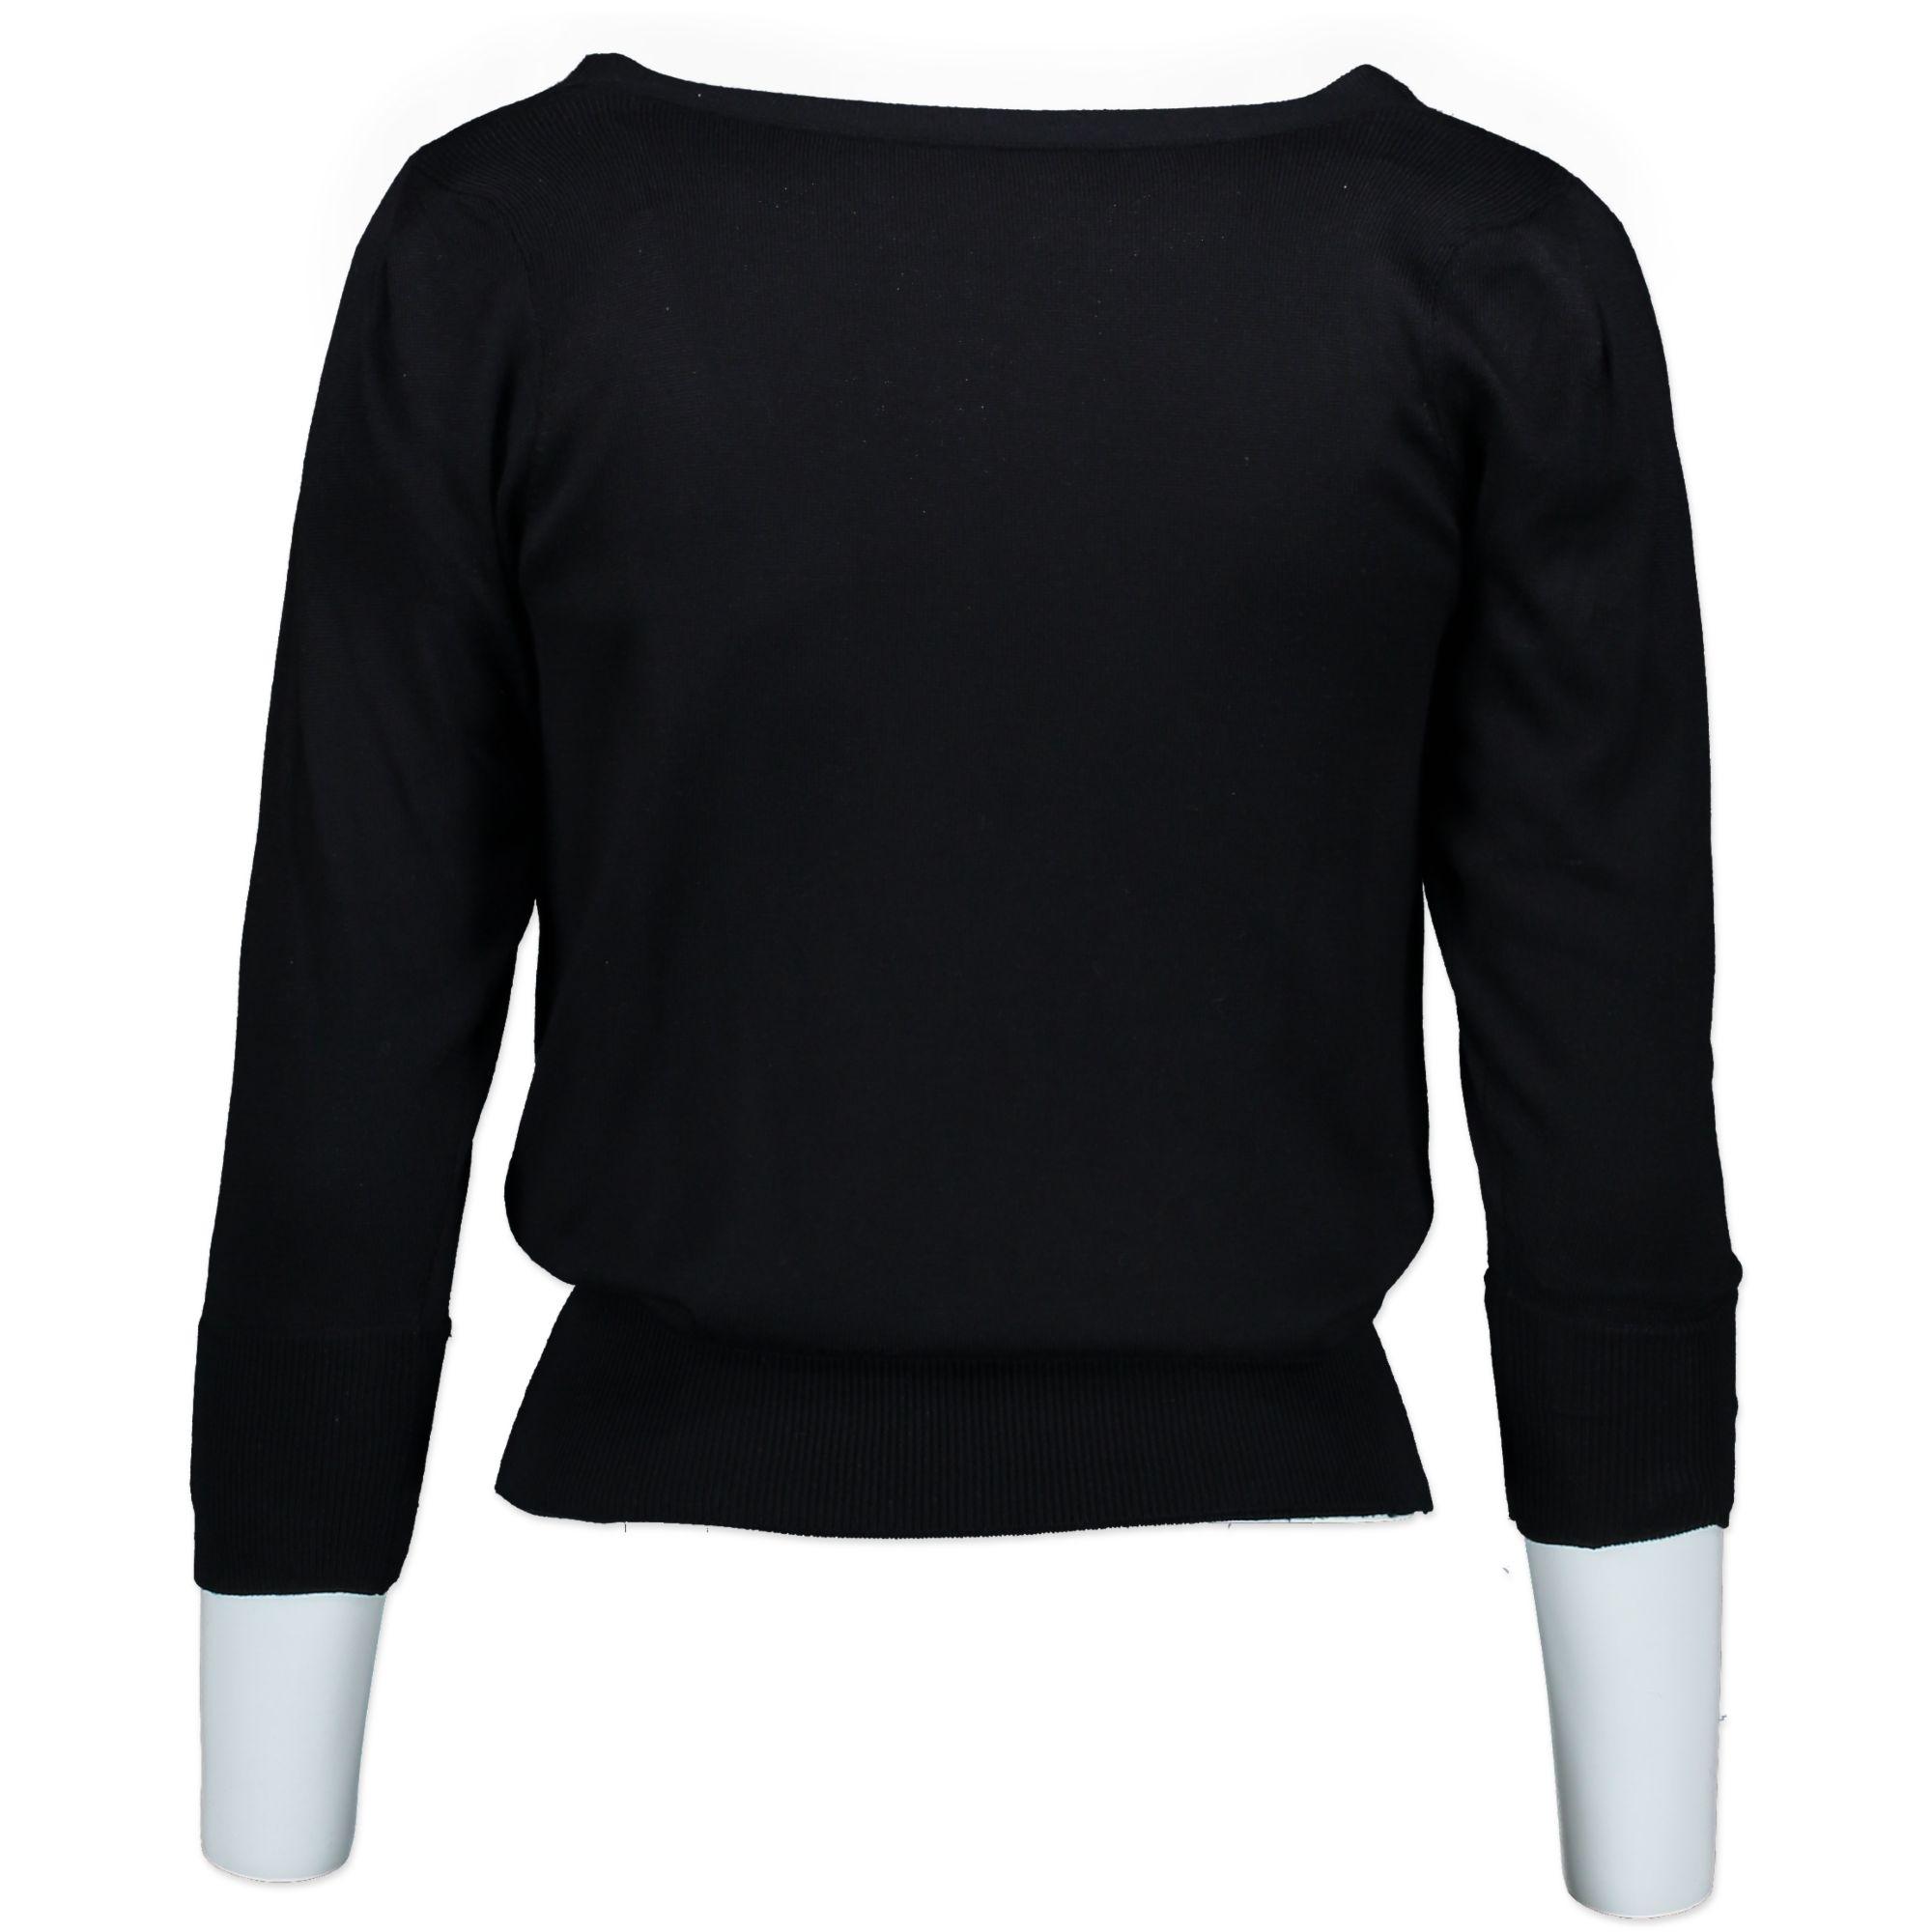 Koop authentieke tweedehands Versace wollen trui voor de juiste prijs bij labellov designer vintage webshop. Veilig online shoppen.